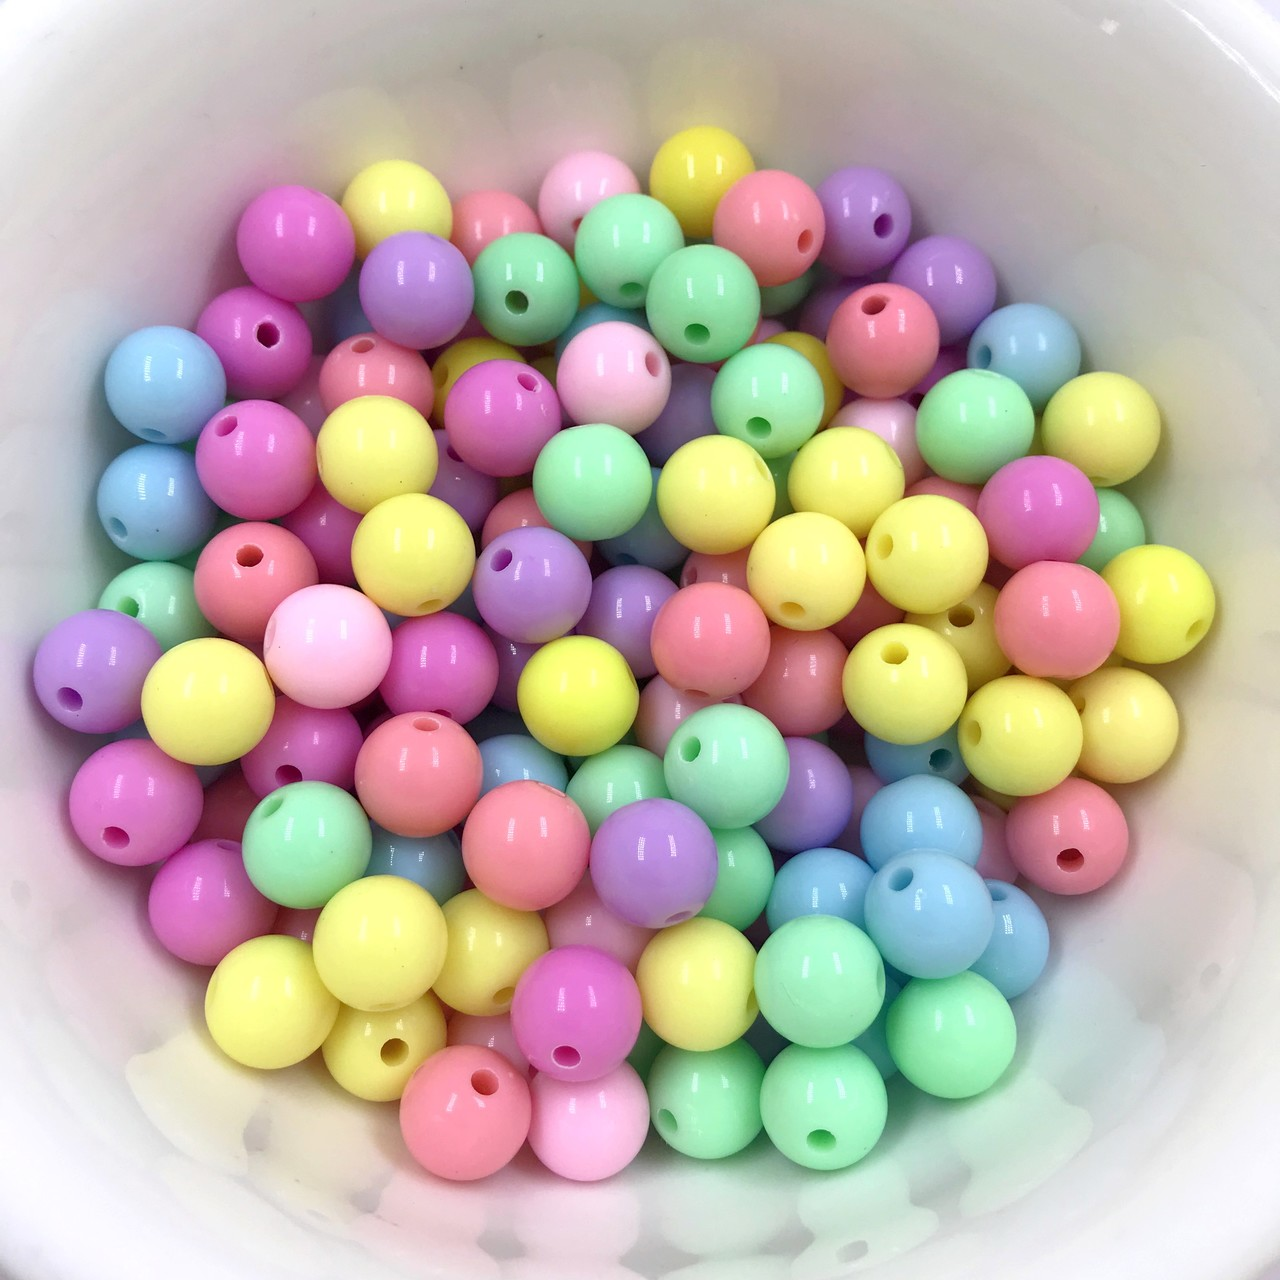 miçanga bola acrílica colorida com furo 12mm 50 unidades